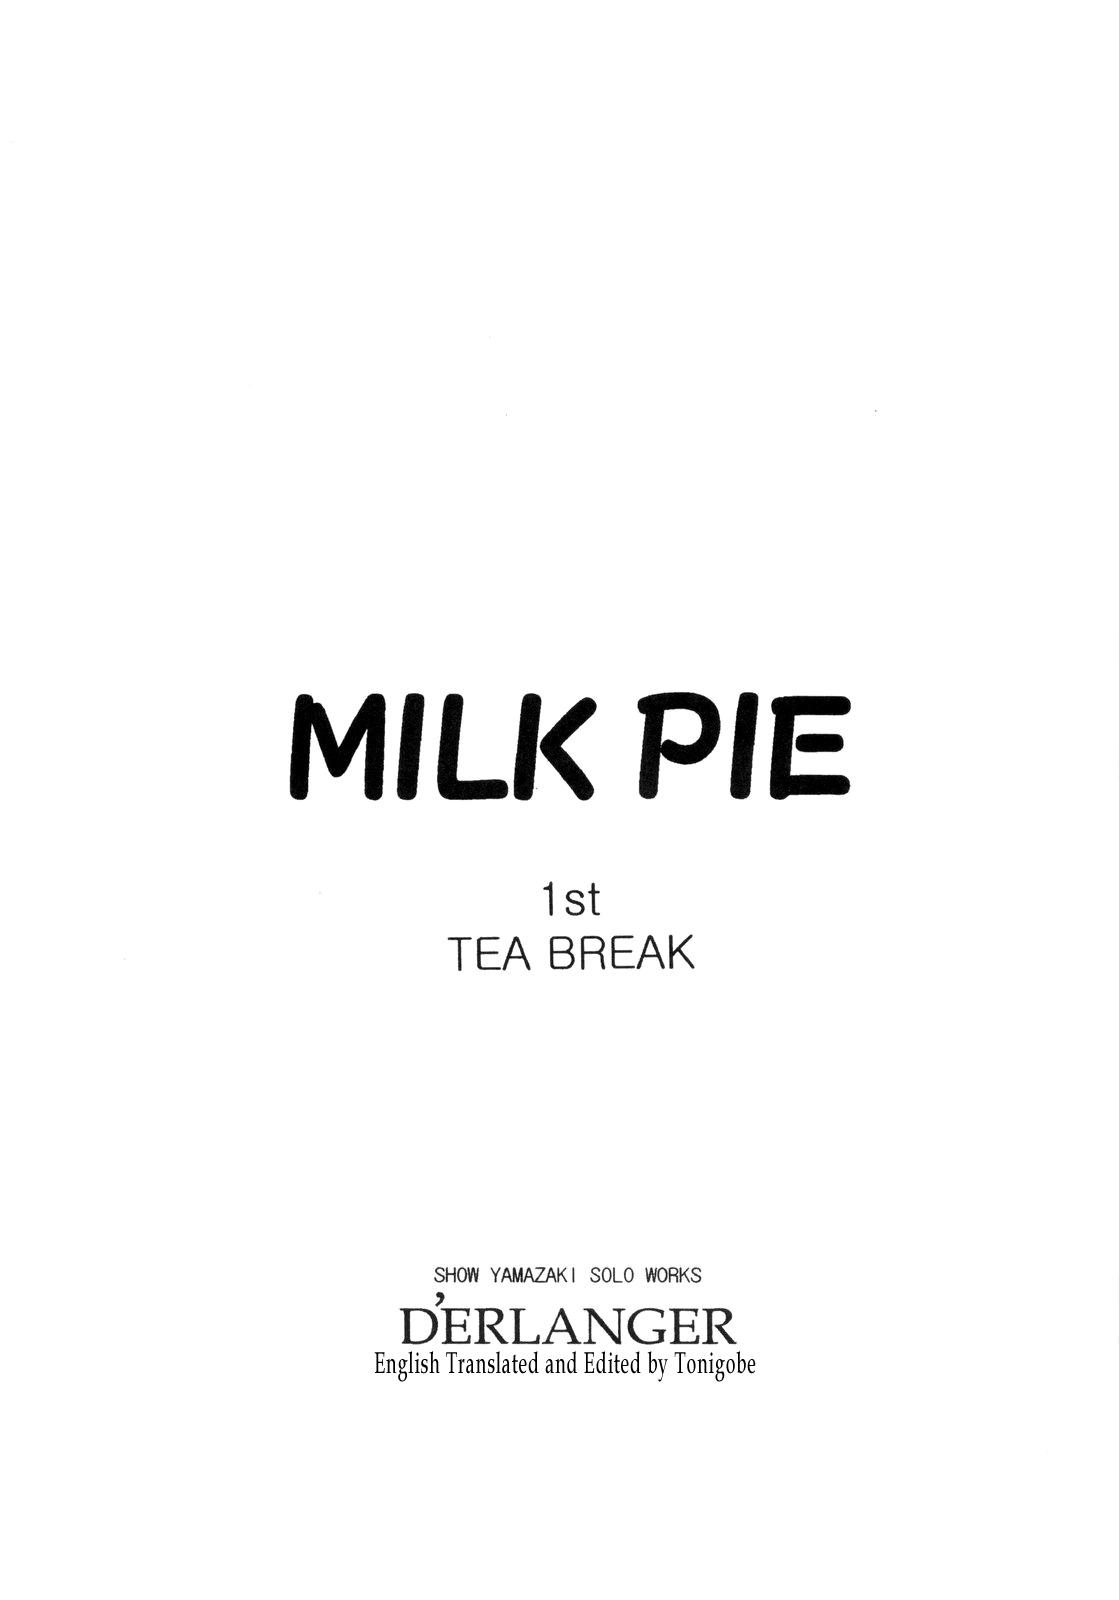 MILK PIE 1st TEA BREAK 2